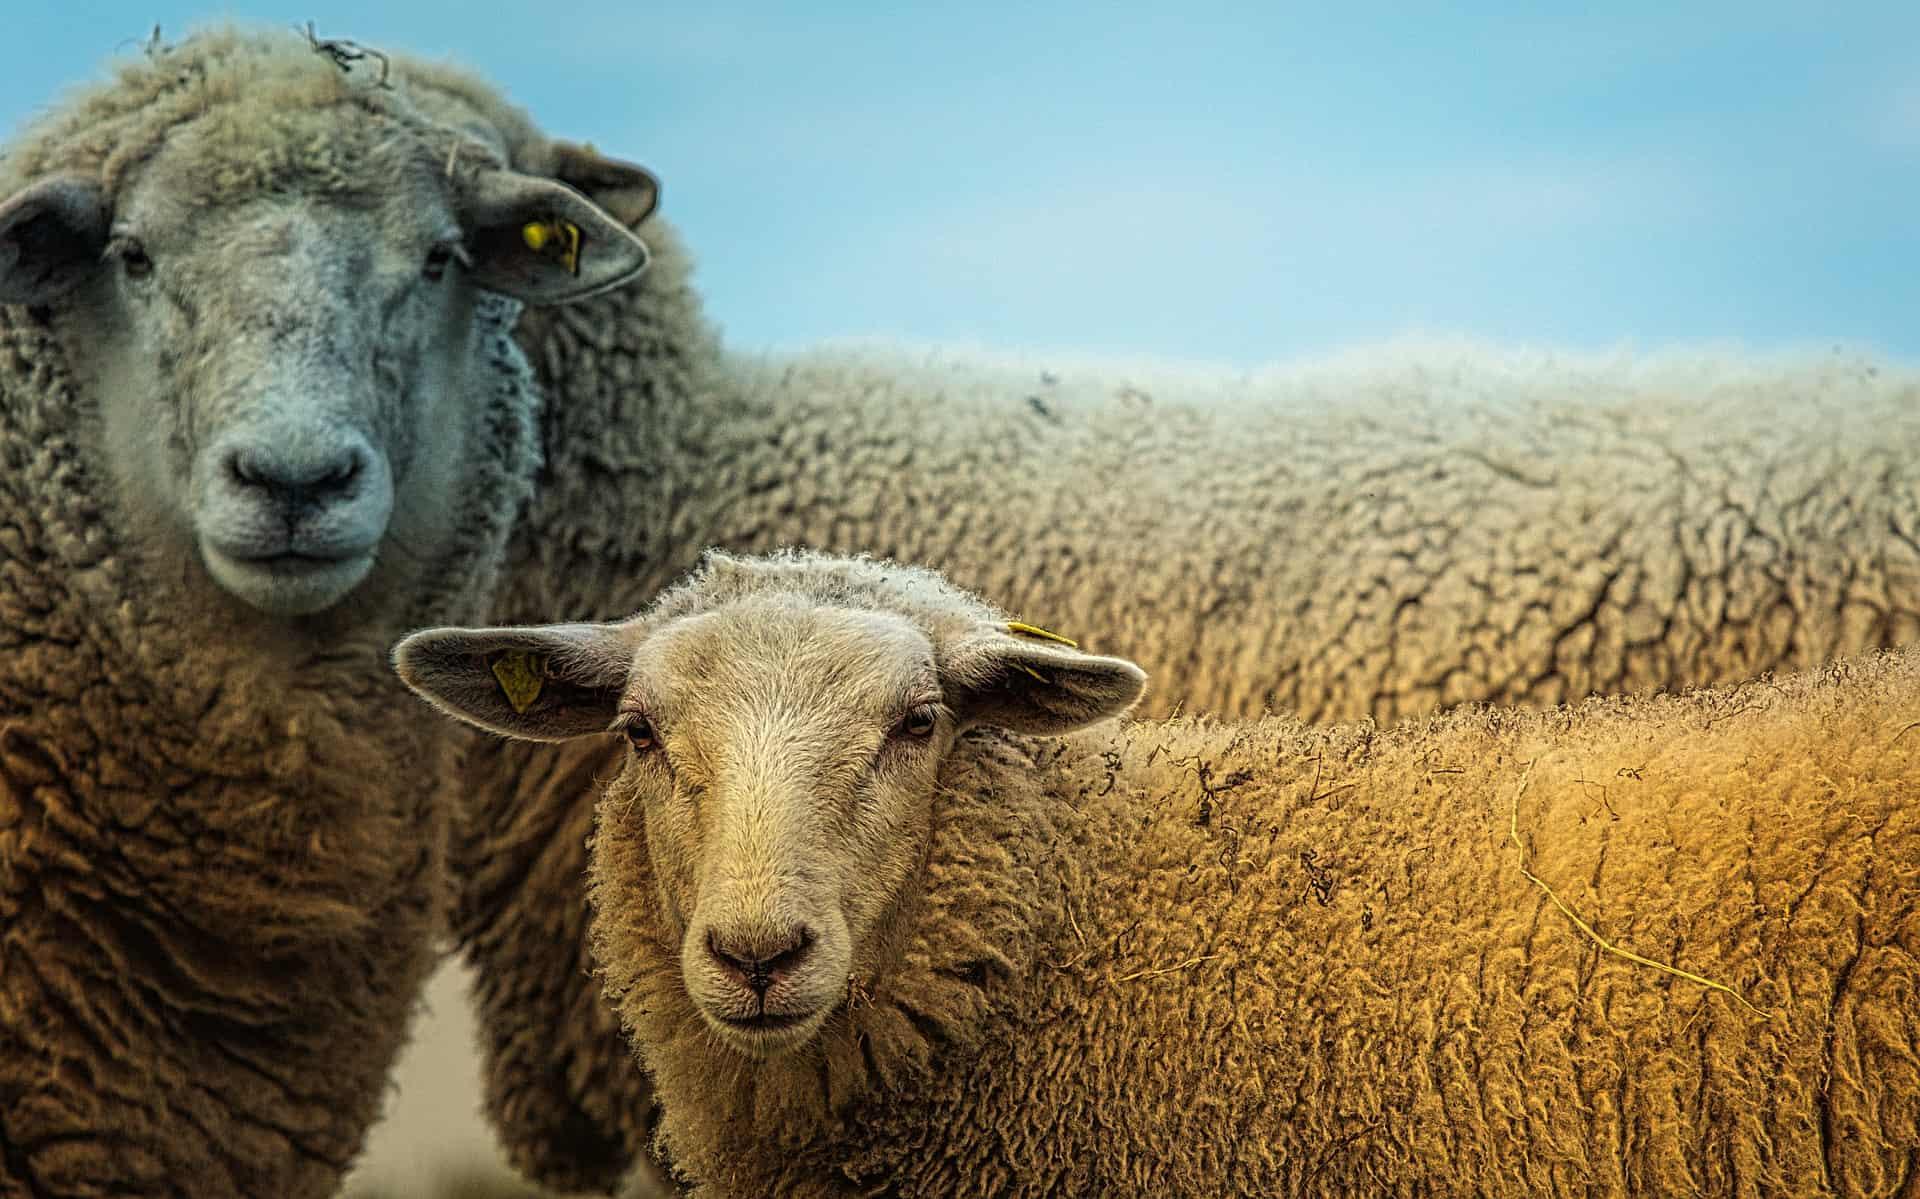 Овцеводство: разведение овец в домашних условиях для начинающих